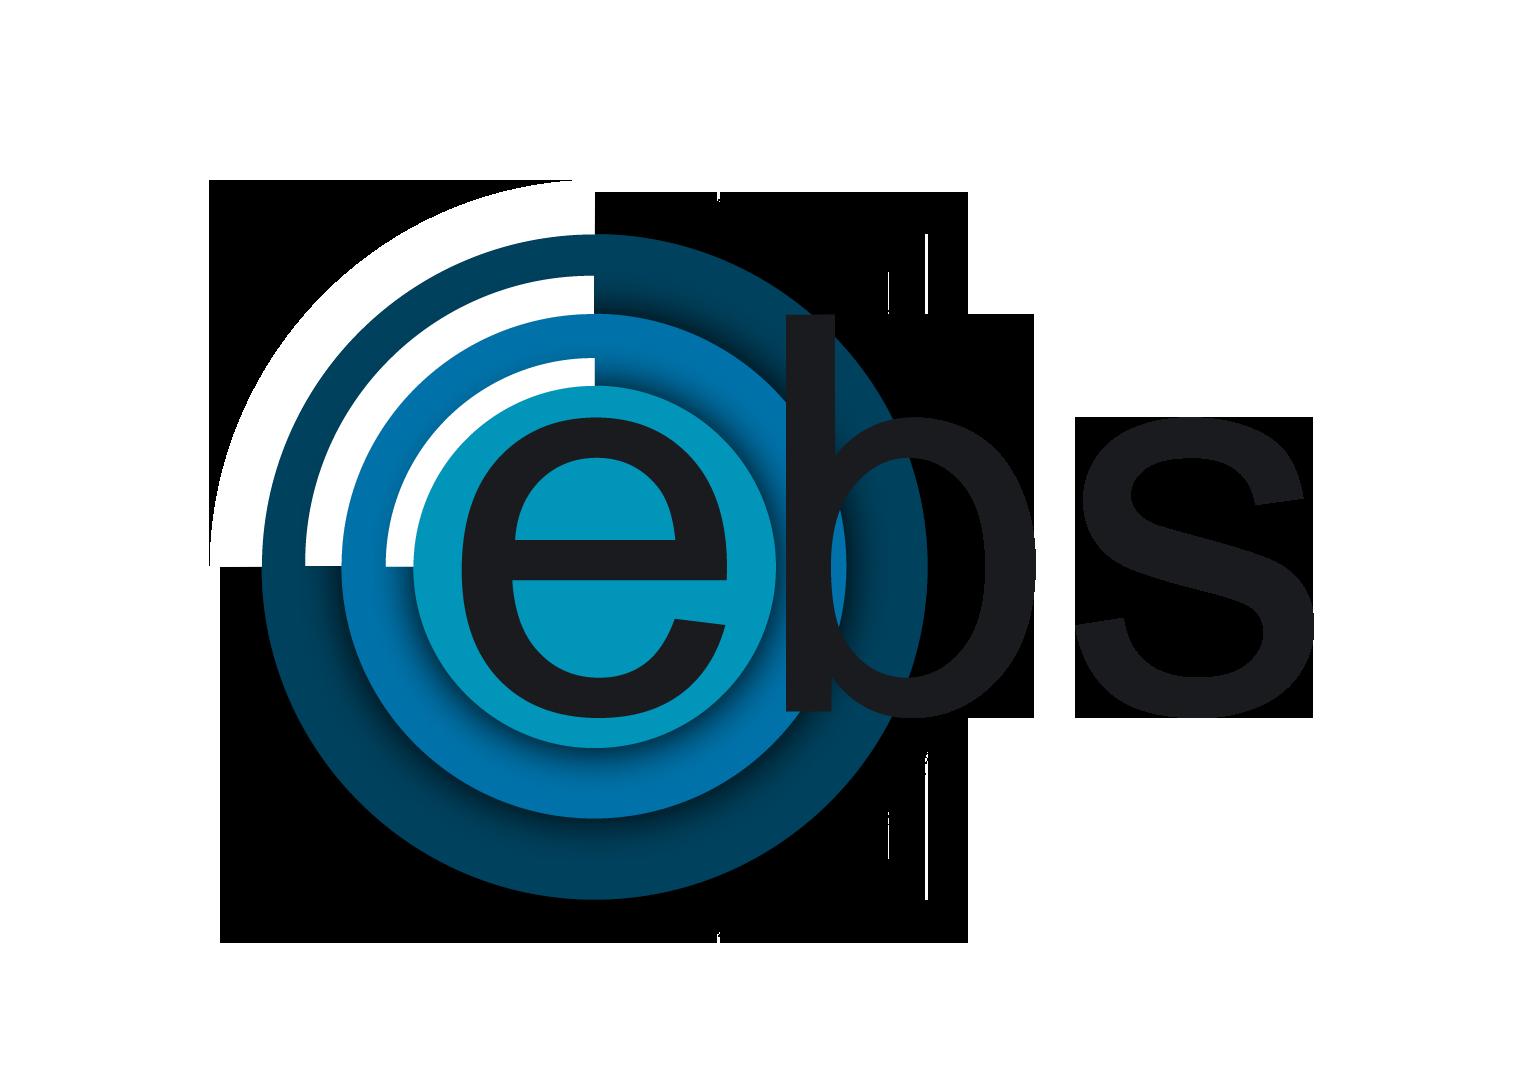 logo_EBS alargadopng